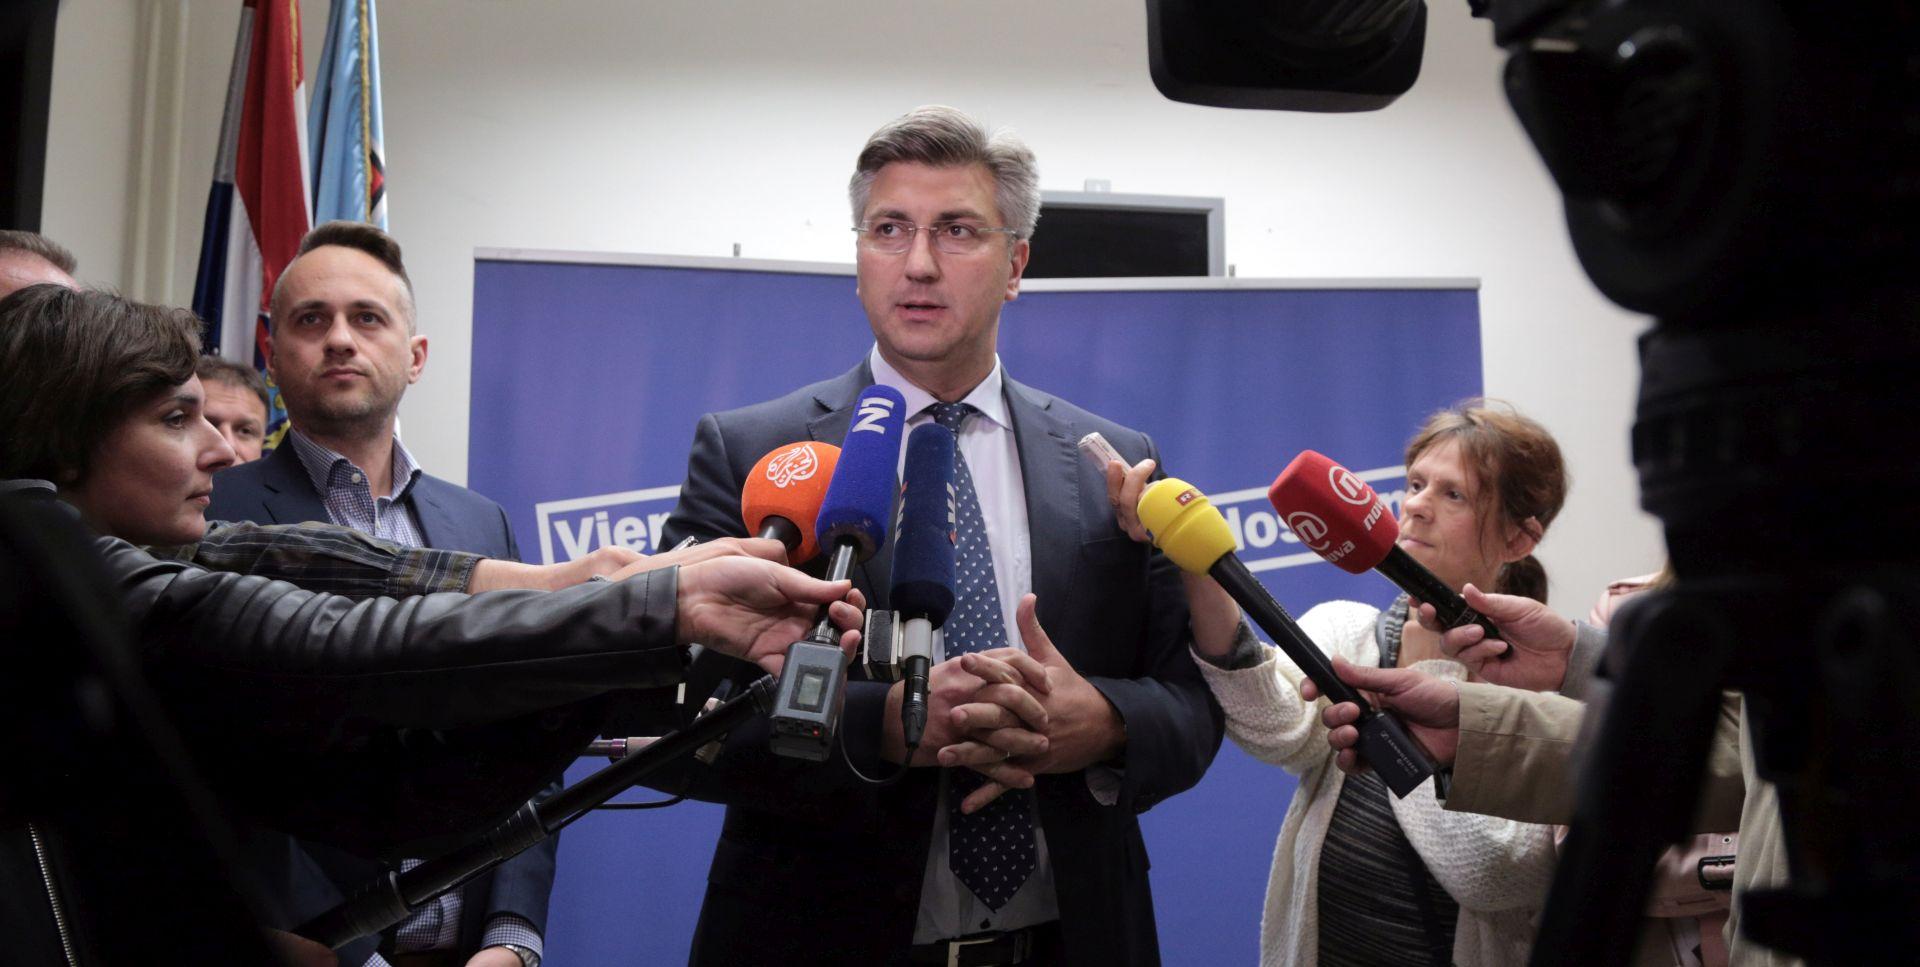 PLENKOVIĆ 'Nikakav građanski rat, branitelji su Hrvatsku obranili od agresije'